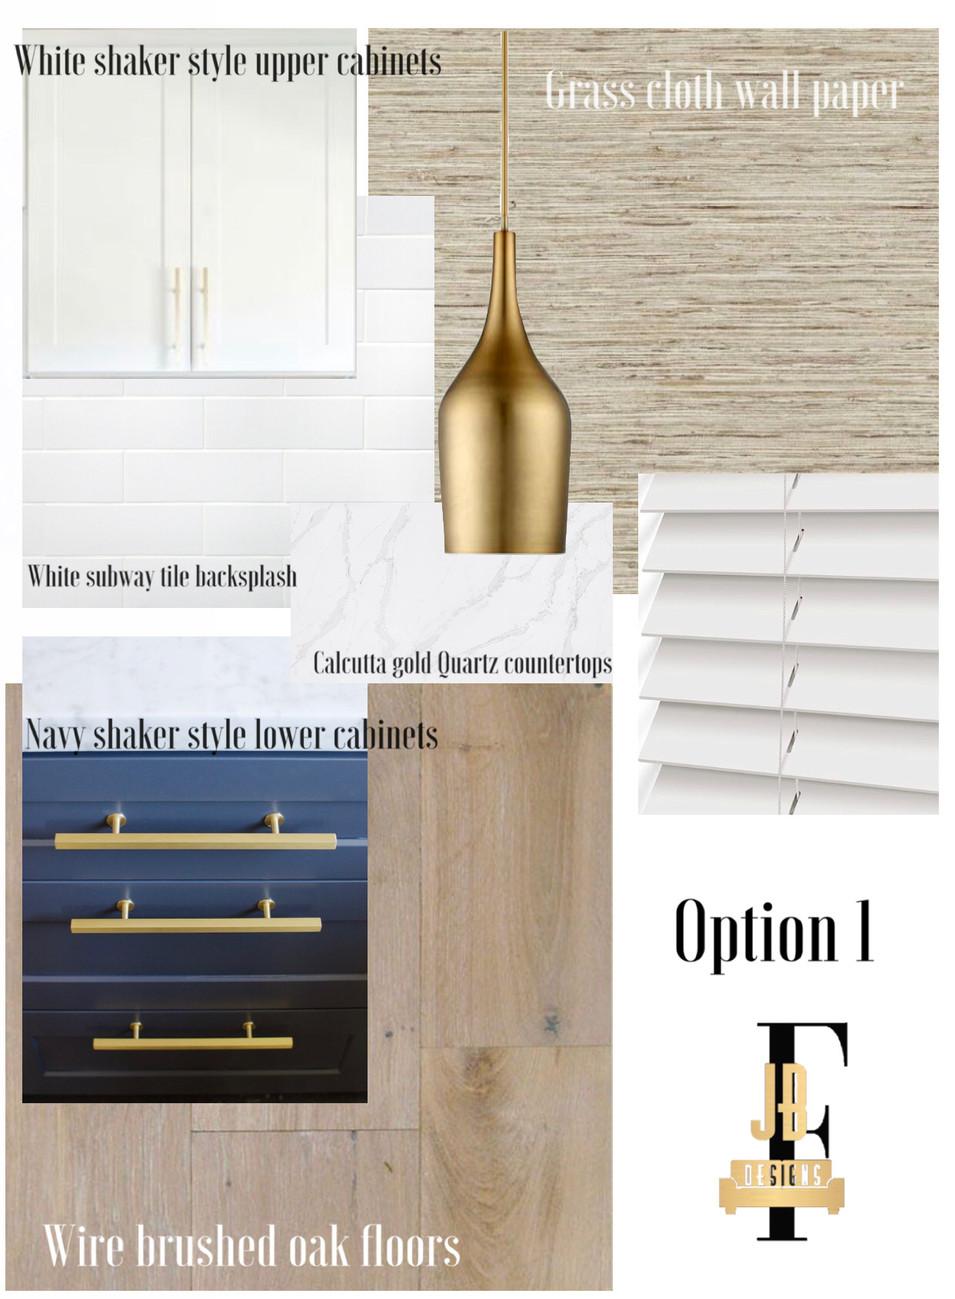 Option 1 Design board.